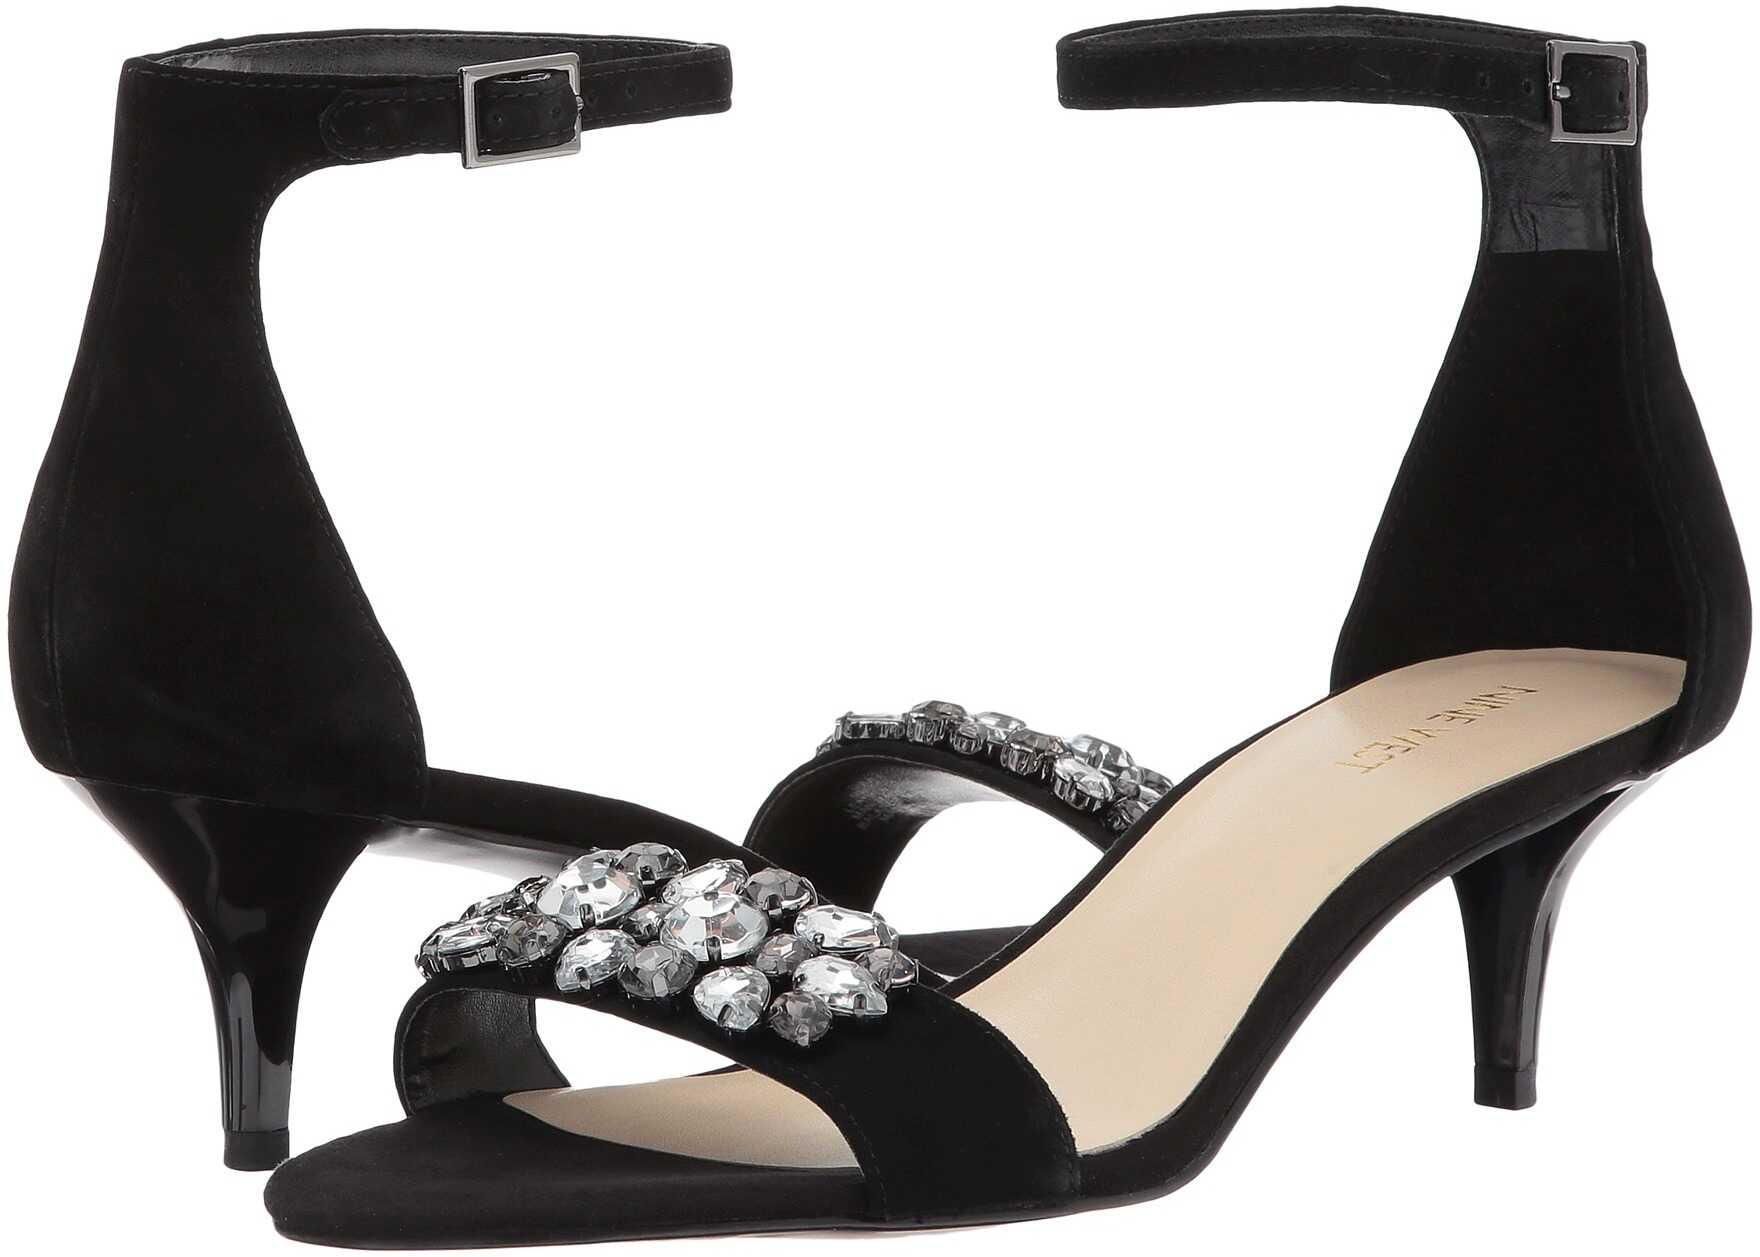 9c597c32718 Pantofi pentru femei - Vezi oferte online